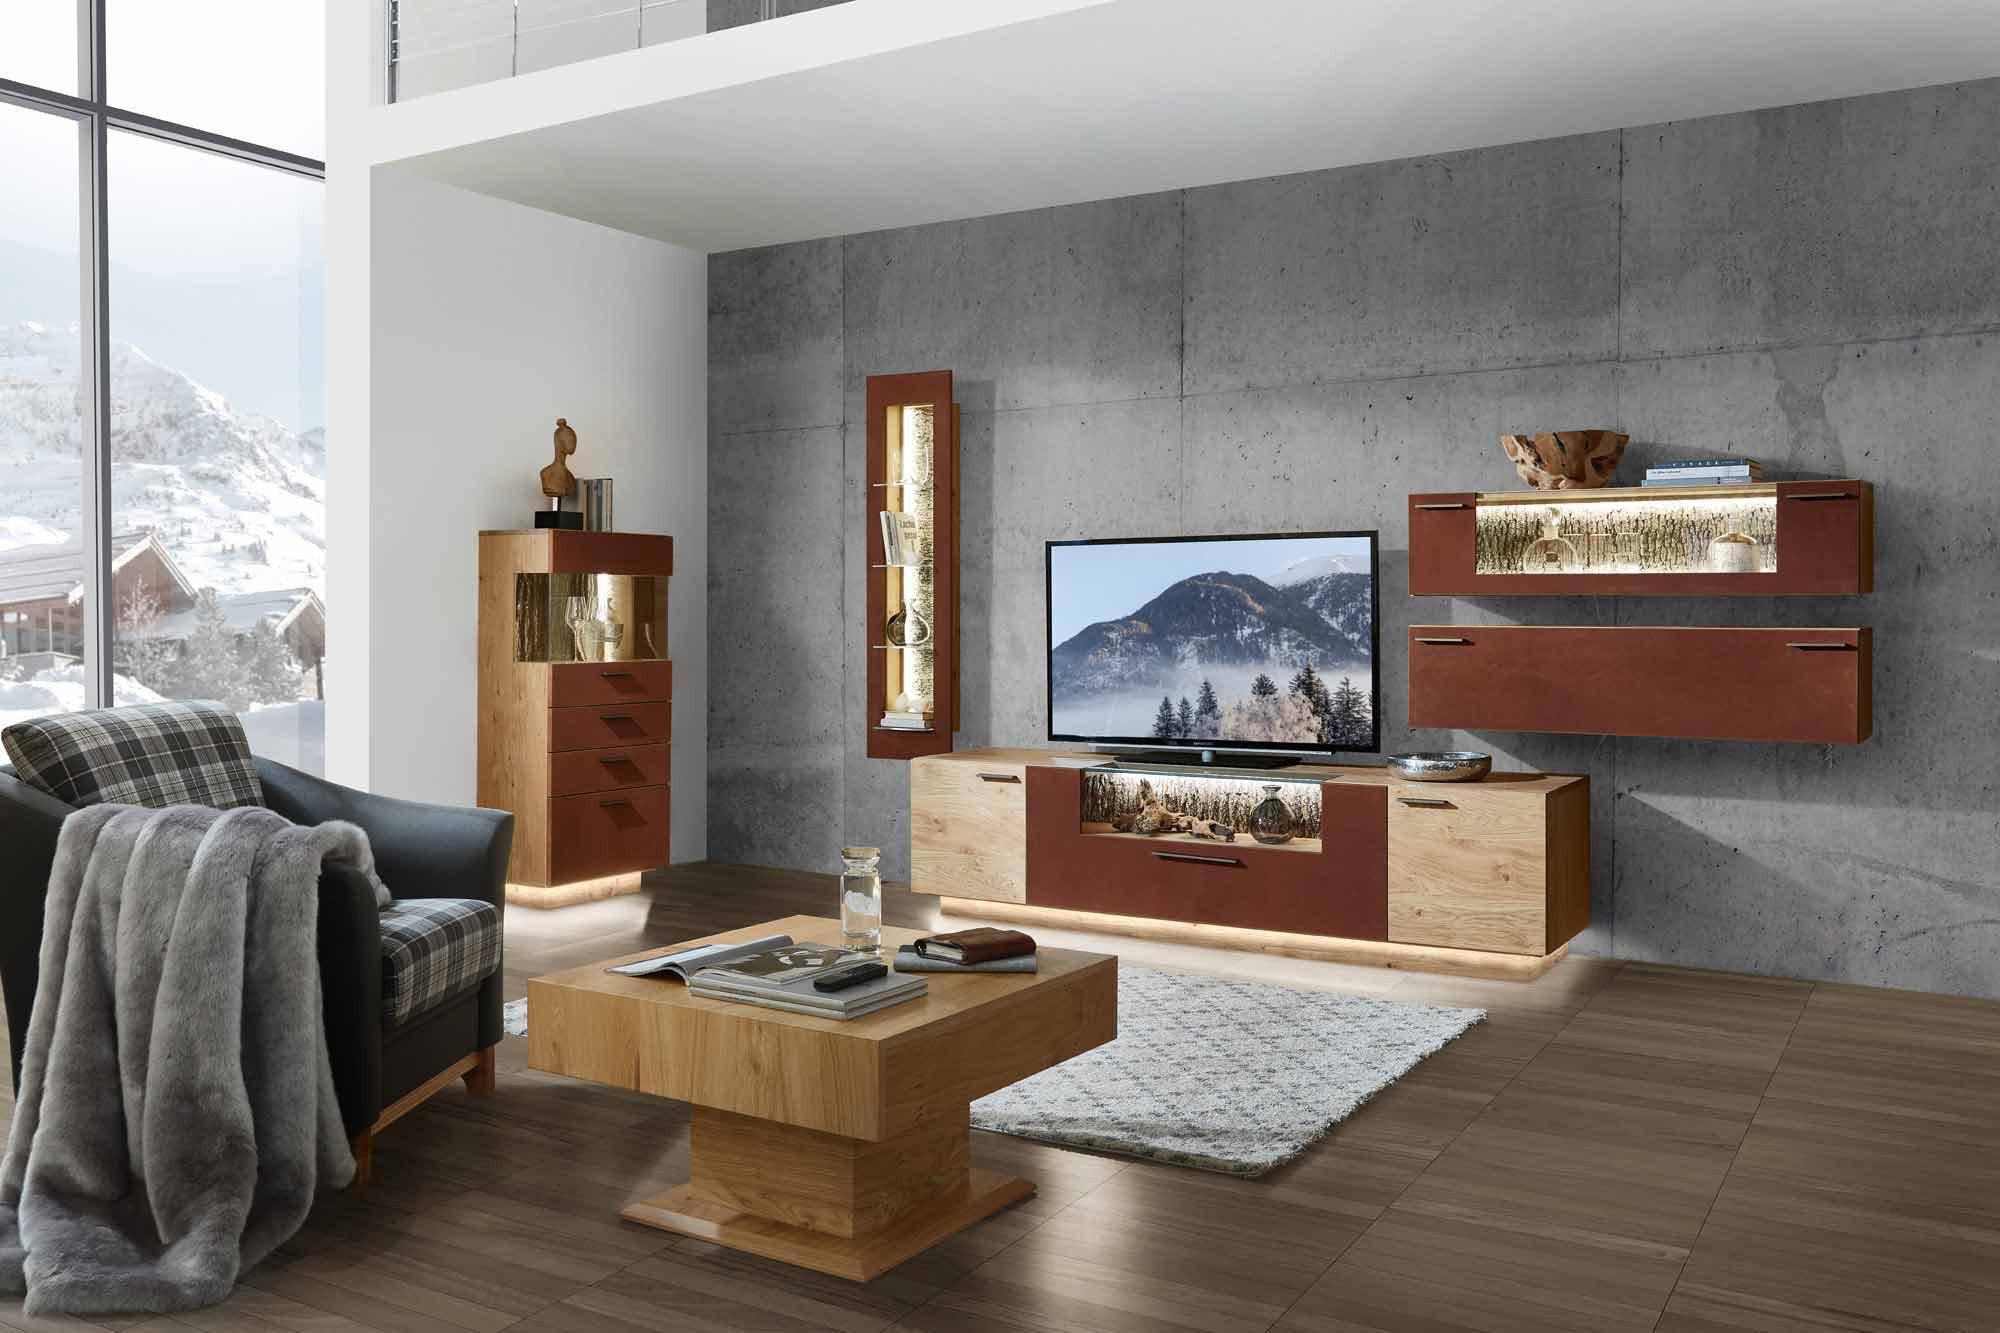 schr der m bel wohnwand kitzalm pur k004 kernwildasteiche edelrost m bel letz ihr online shop. Black Bedroom Furniture Sets. Home Design Ideas